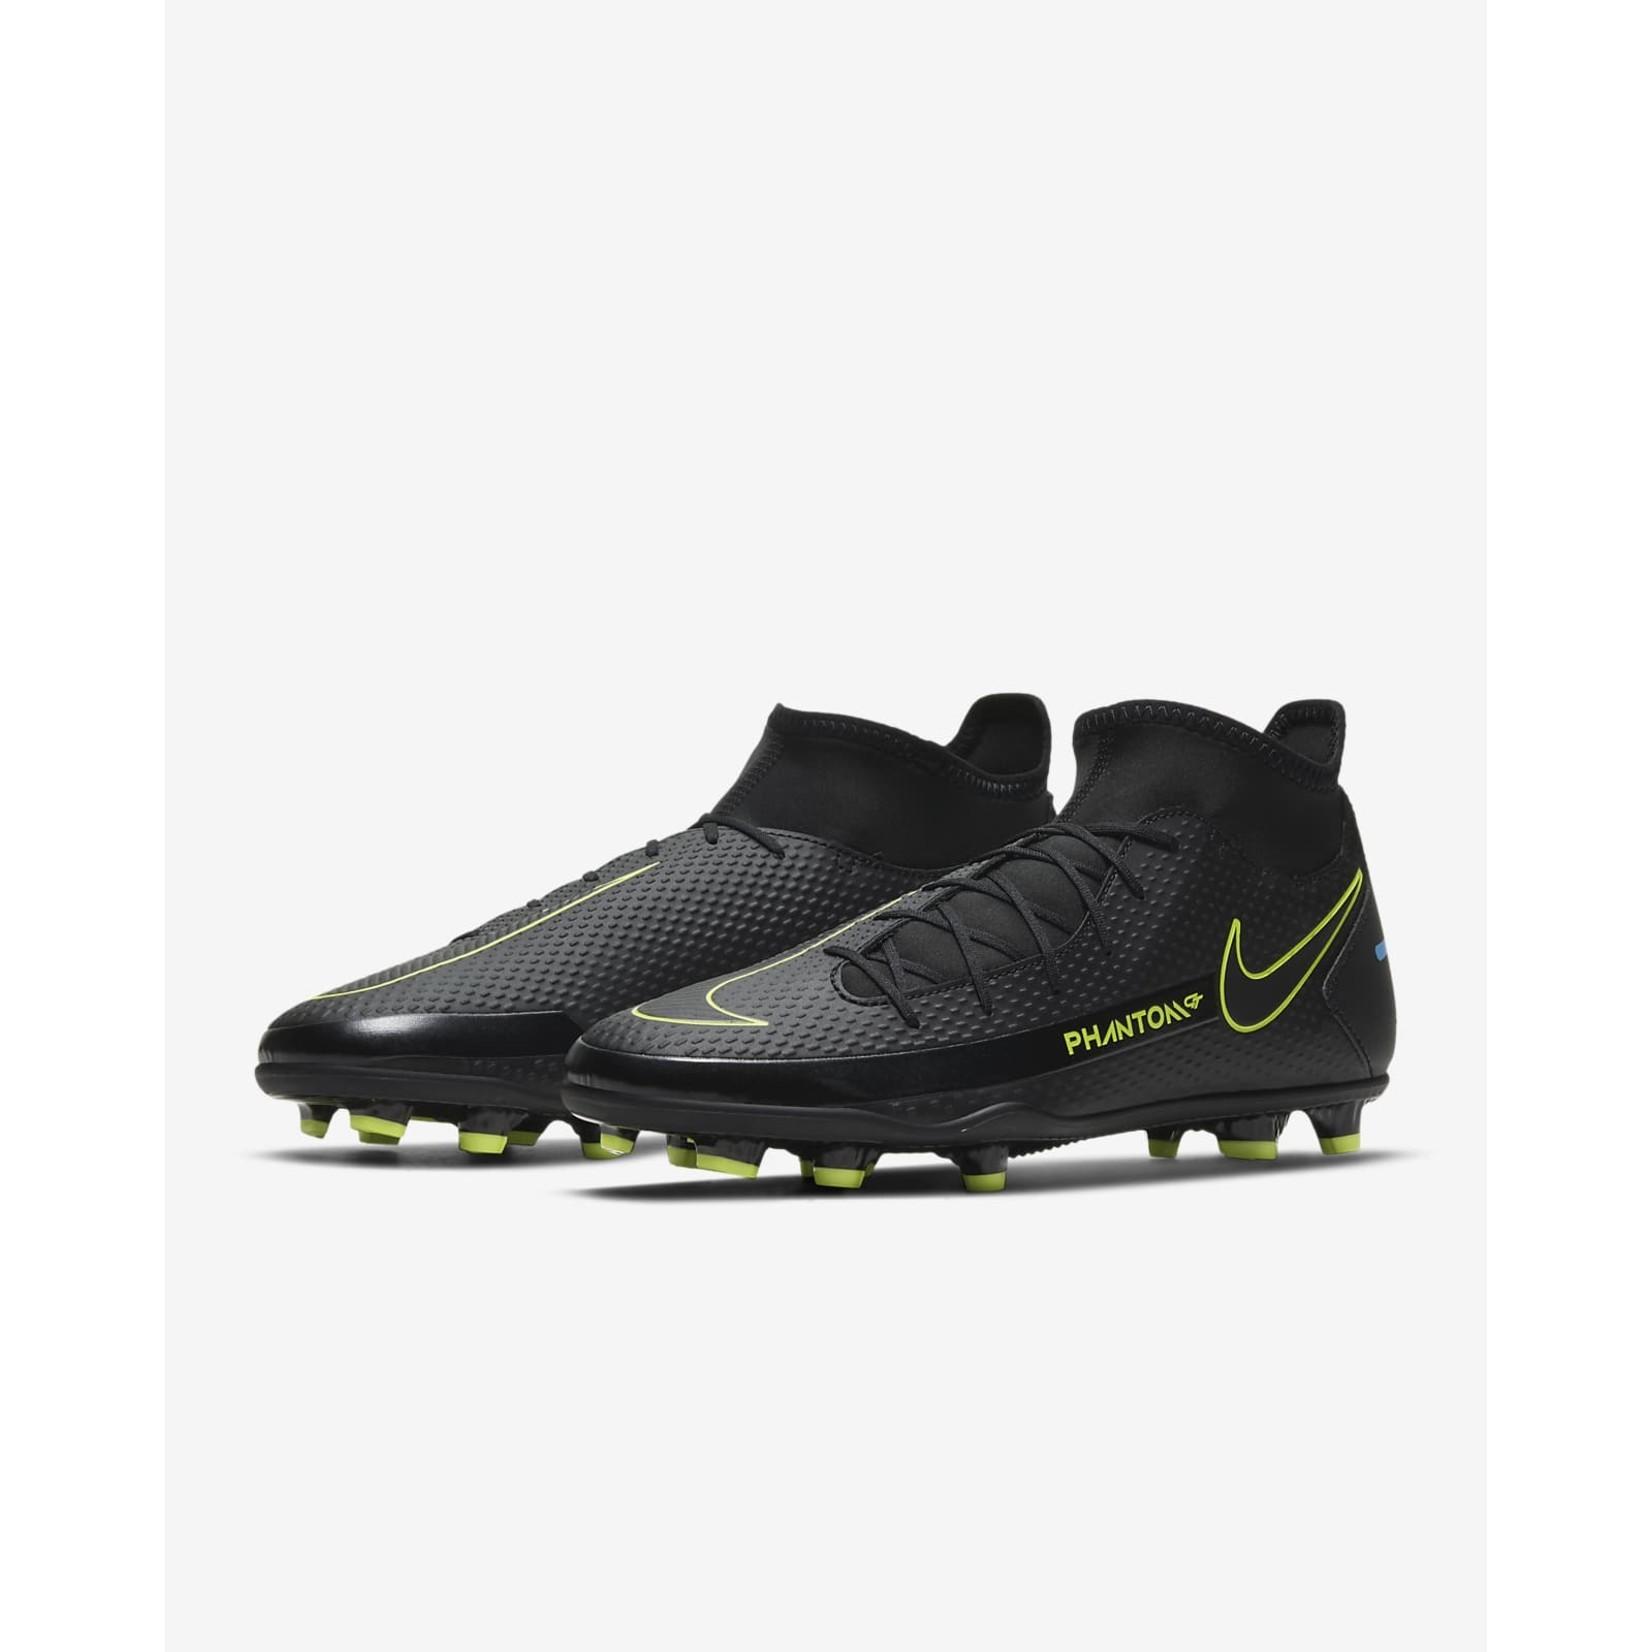 Nike Nike Soccer Shoes, Phantom GT Club Dynamic Fit MG, Mens